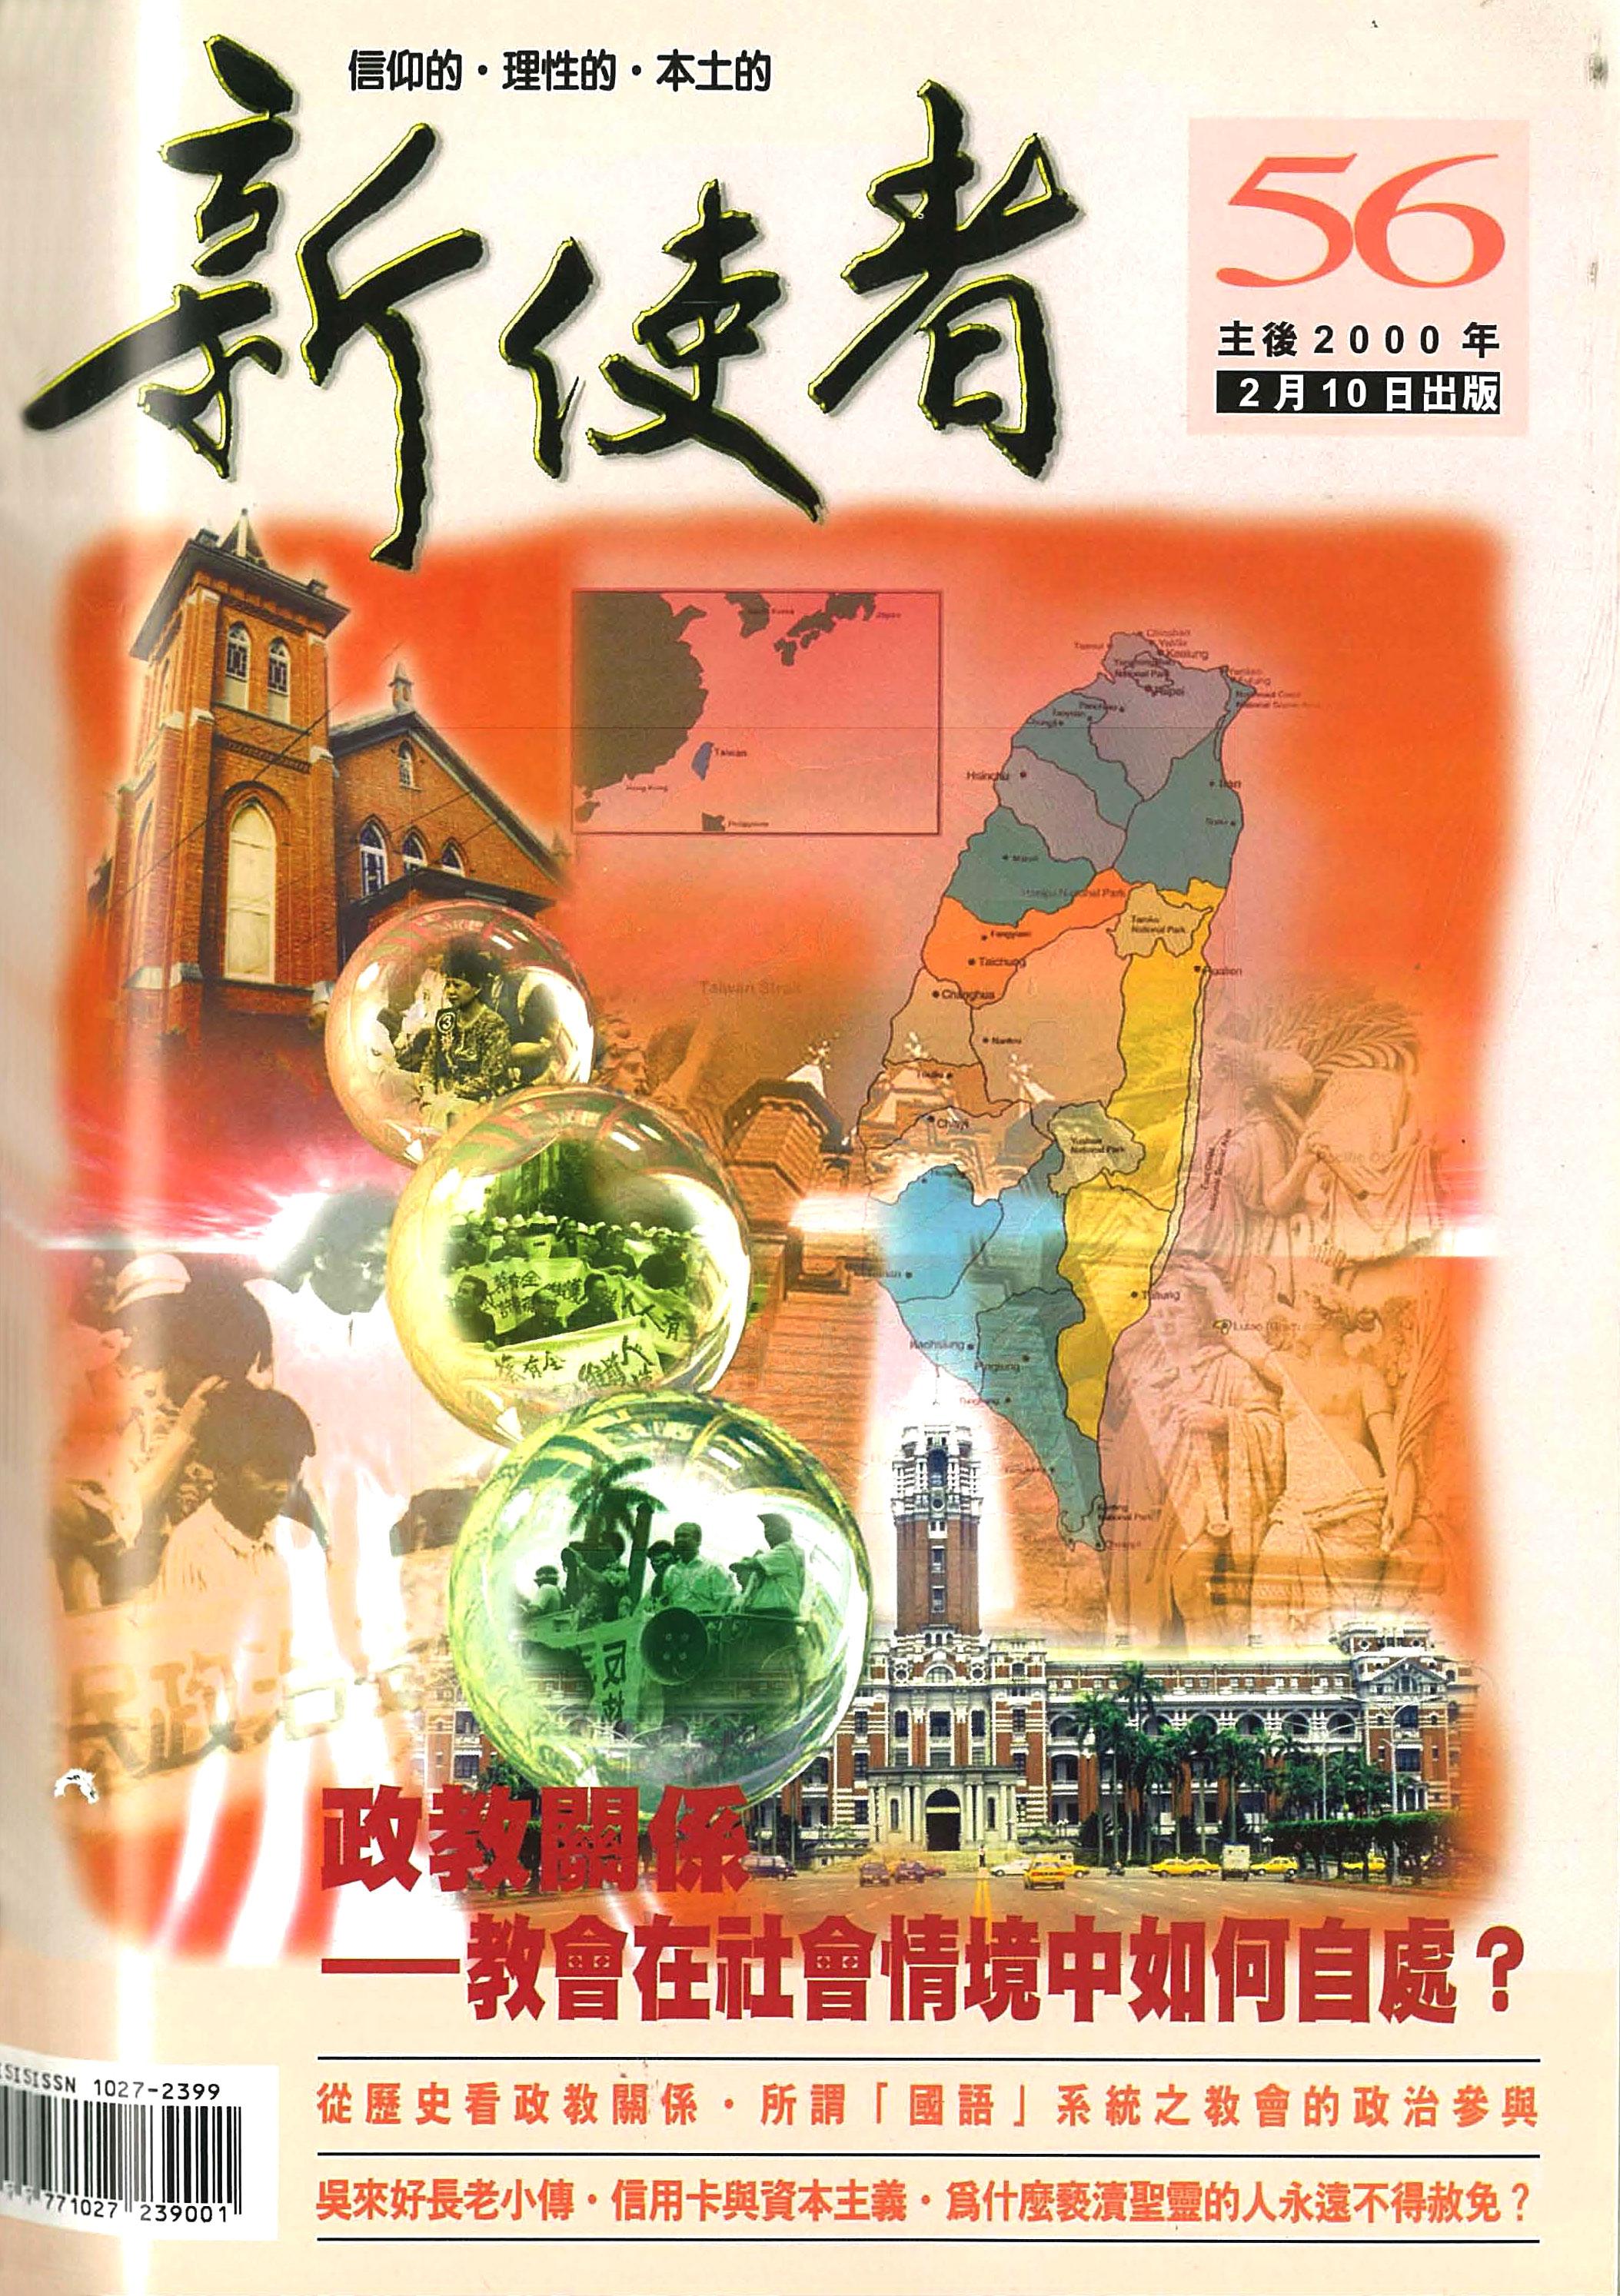 新使者雜誌 The New Messenger  56期  2000年  2月 政教關係——教會在社會情境中如何自處?